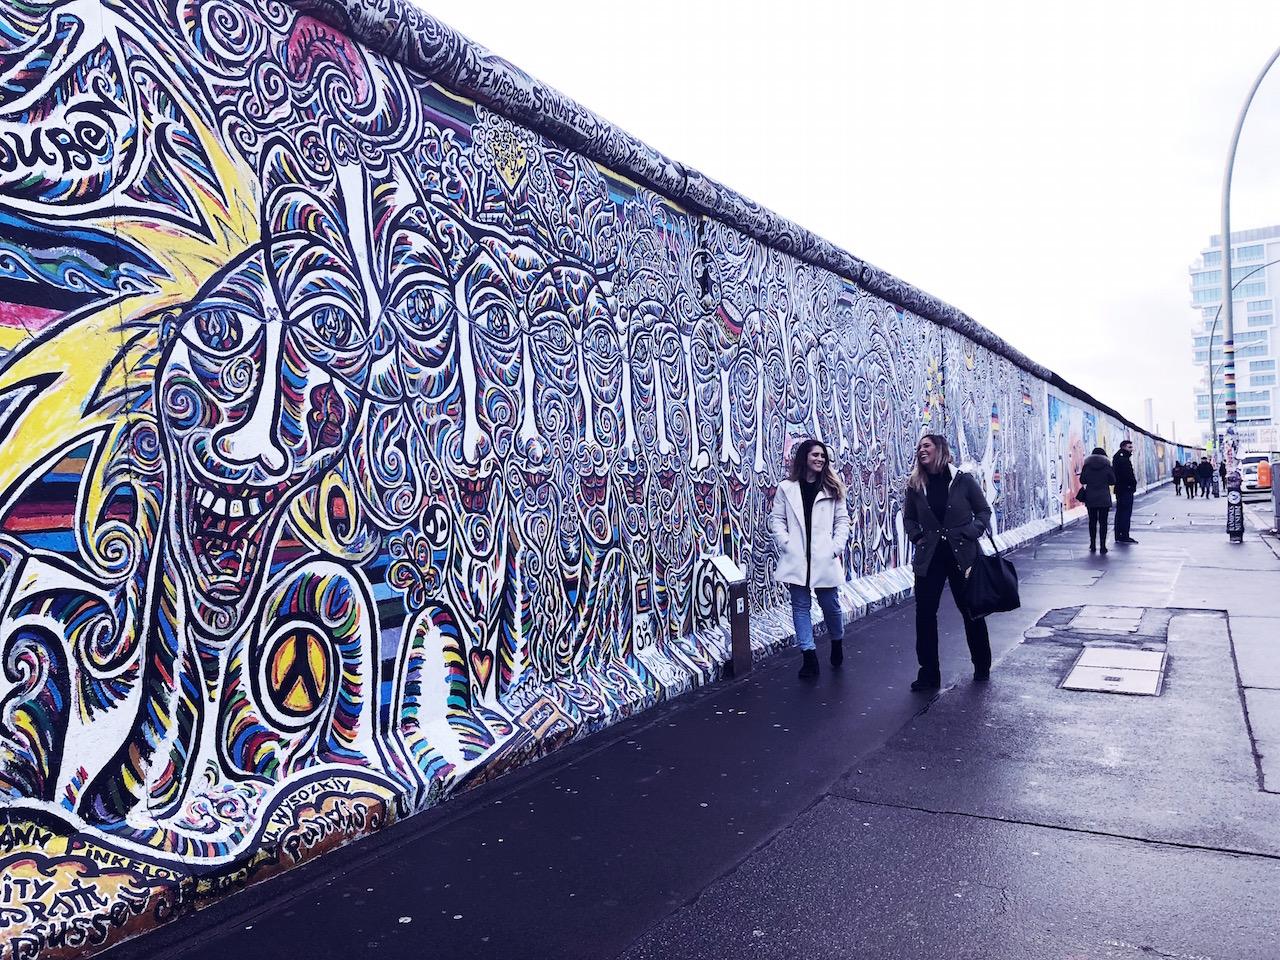 Percorrendo a Galeria de grafites no muro de Berlim